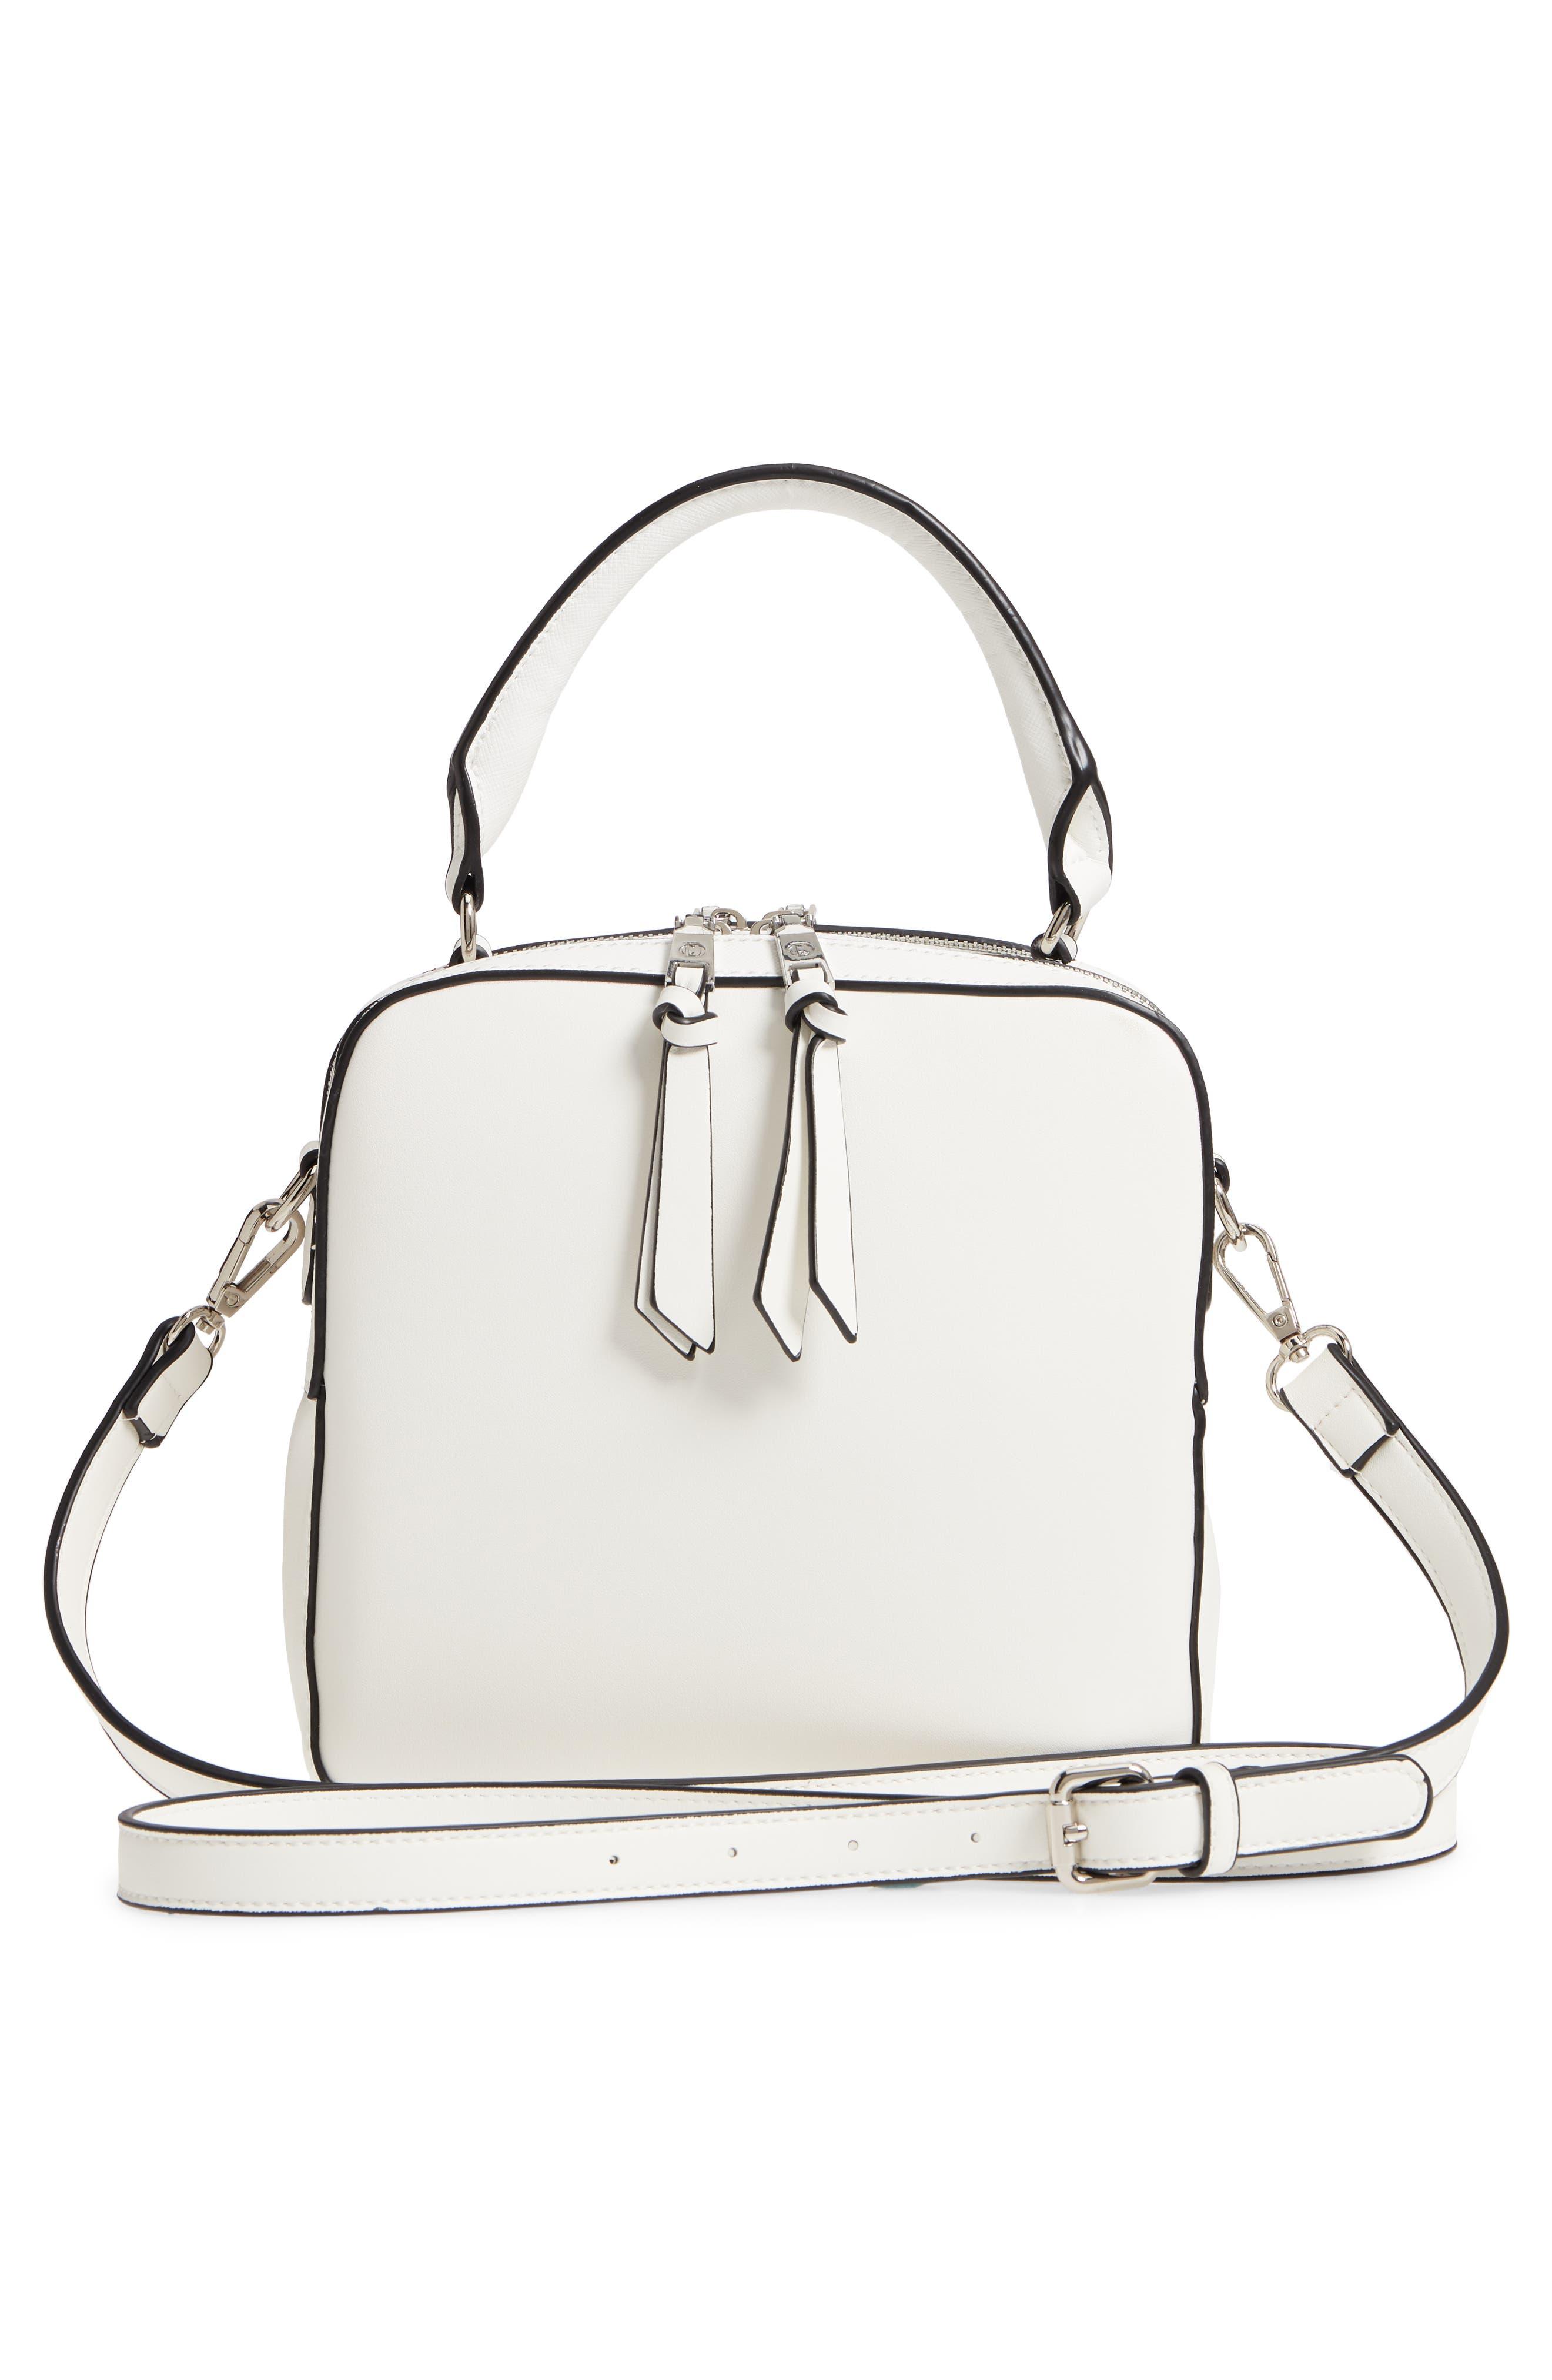 Céline Dion Motif Top Handle Leather Satchel,                             Alternate thumbnail 9, color,